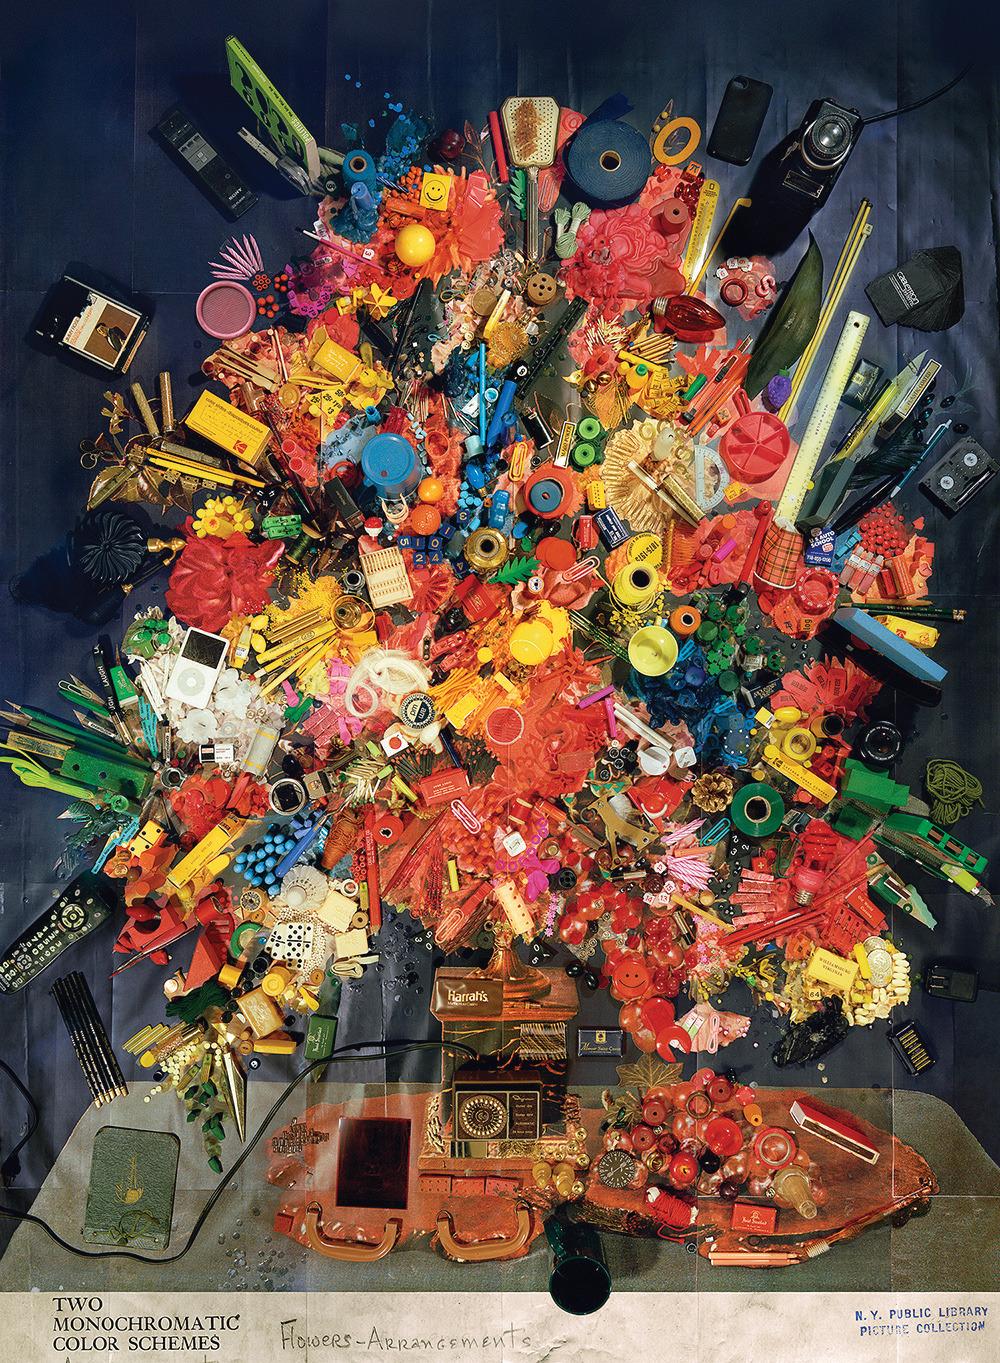 Contemporary Floral Arrangement 4 (Two Monochromatic Color Schemes),2014